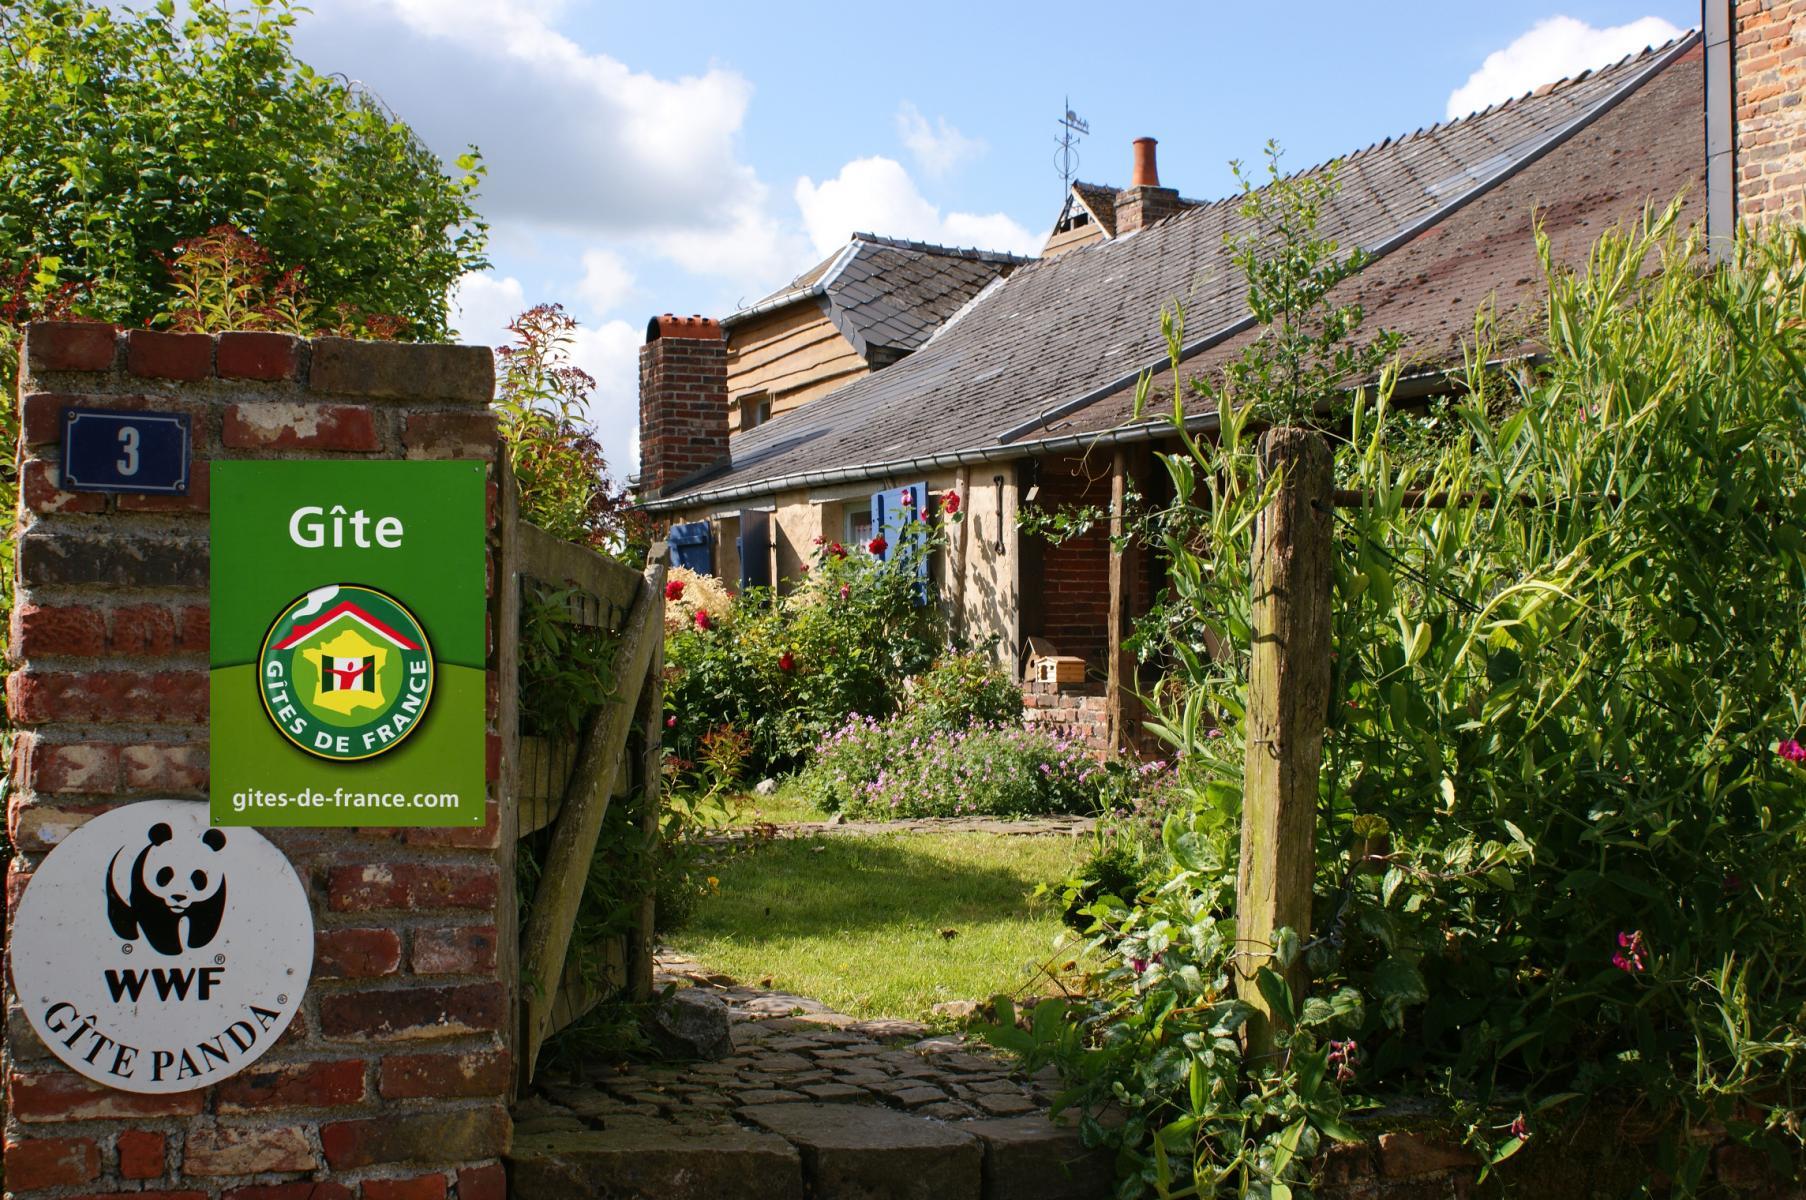 Tourisme rural Picar Tourisme vert et gites en Picar